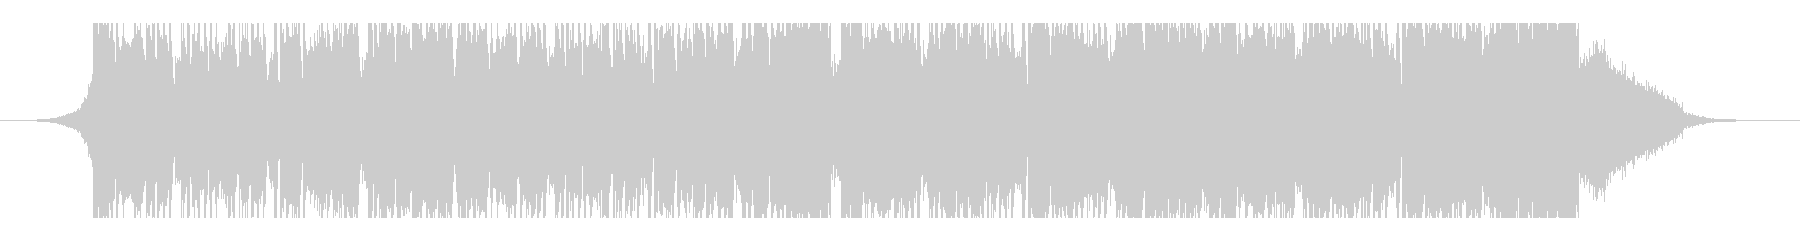 電子時代(60秒)の未再生の波形